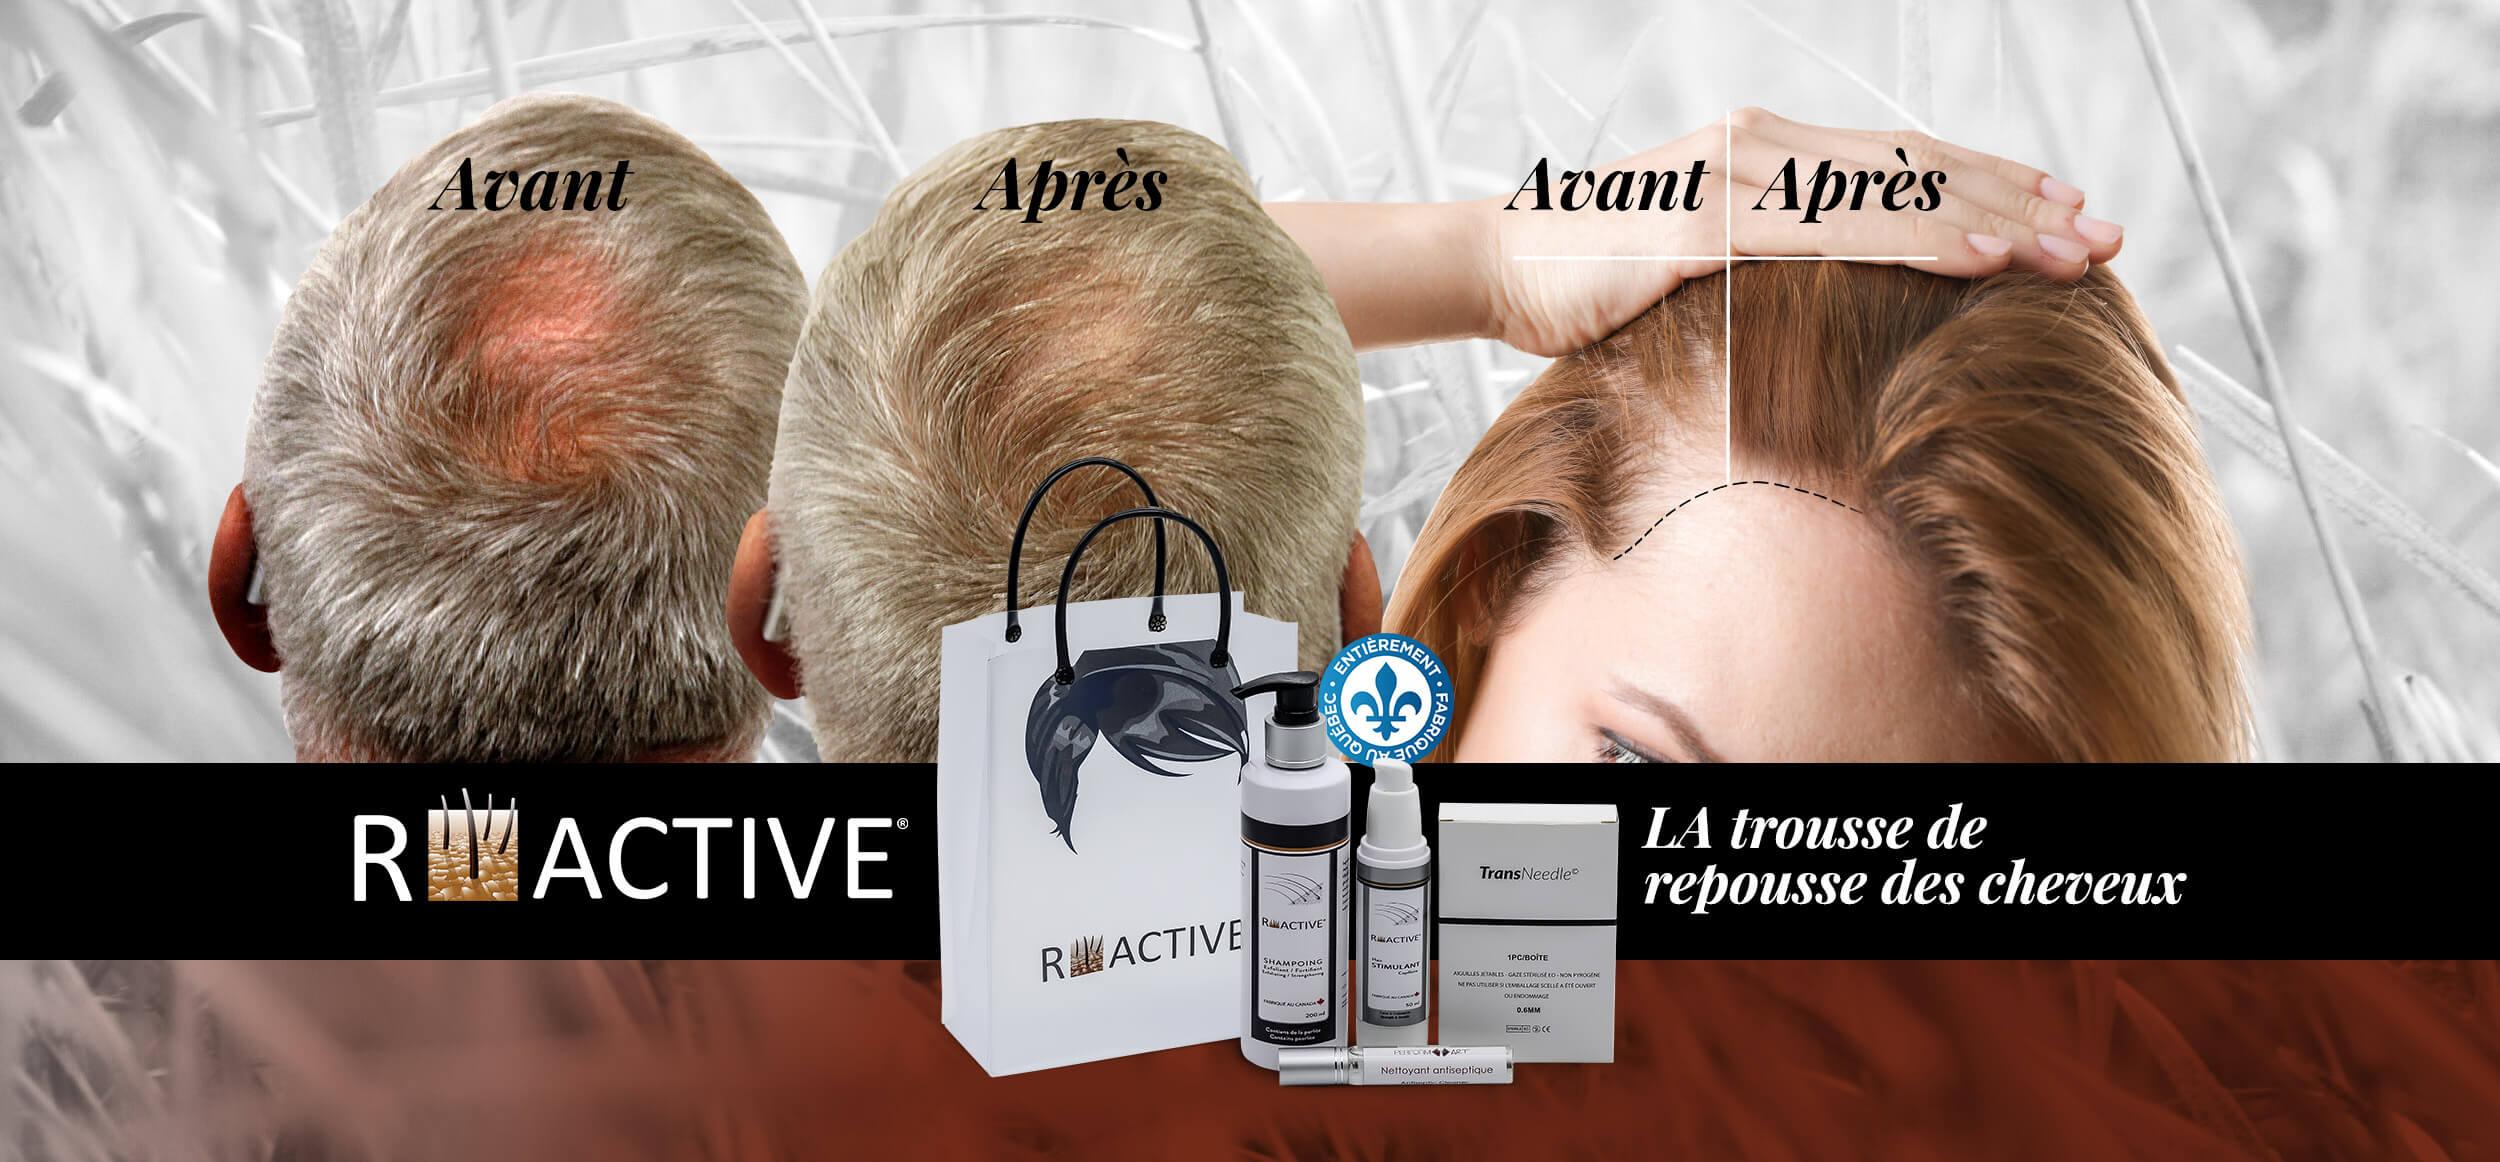 repousse-cheveux-page-accueil